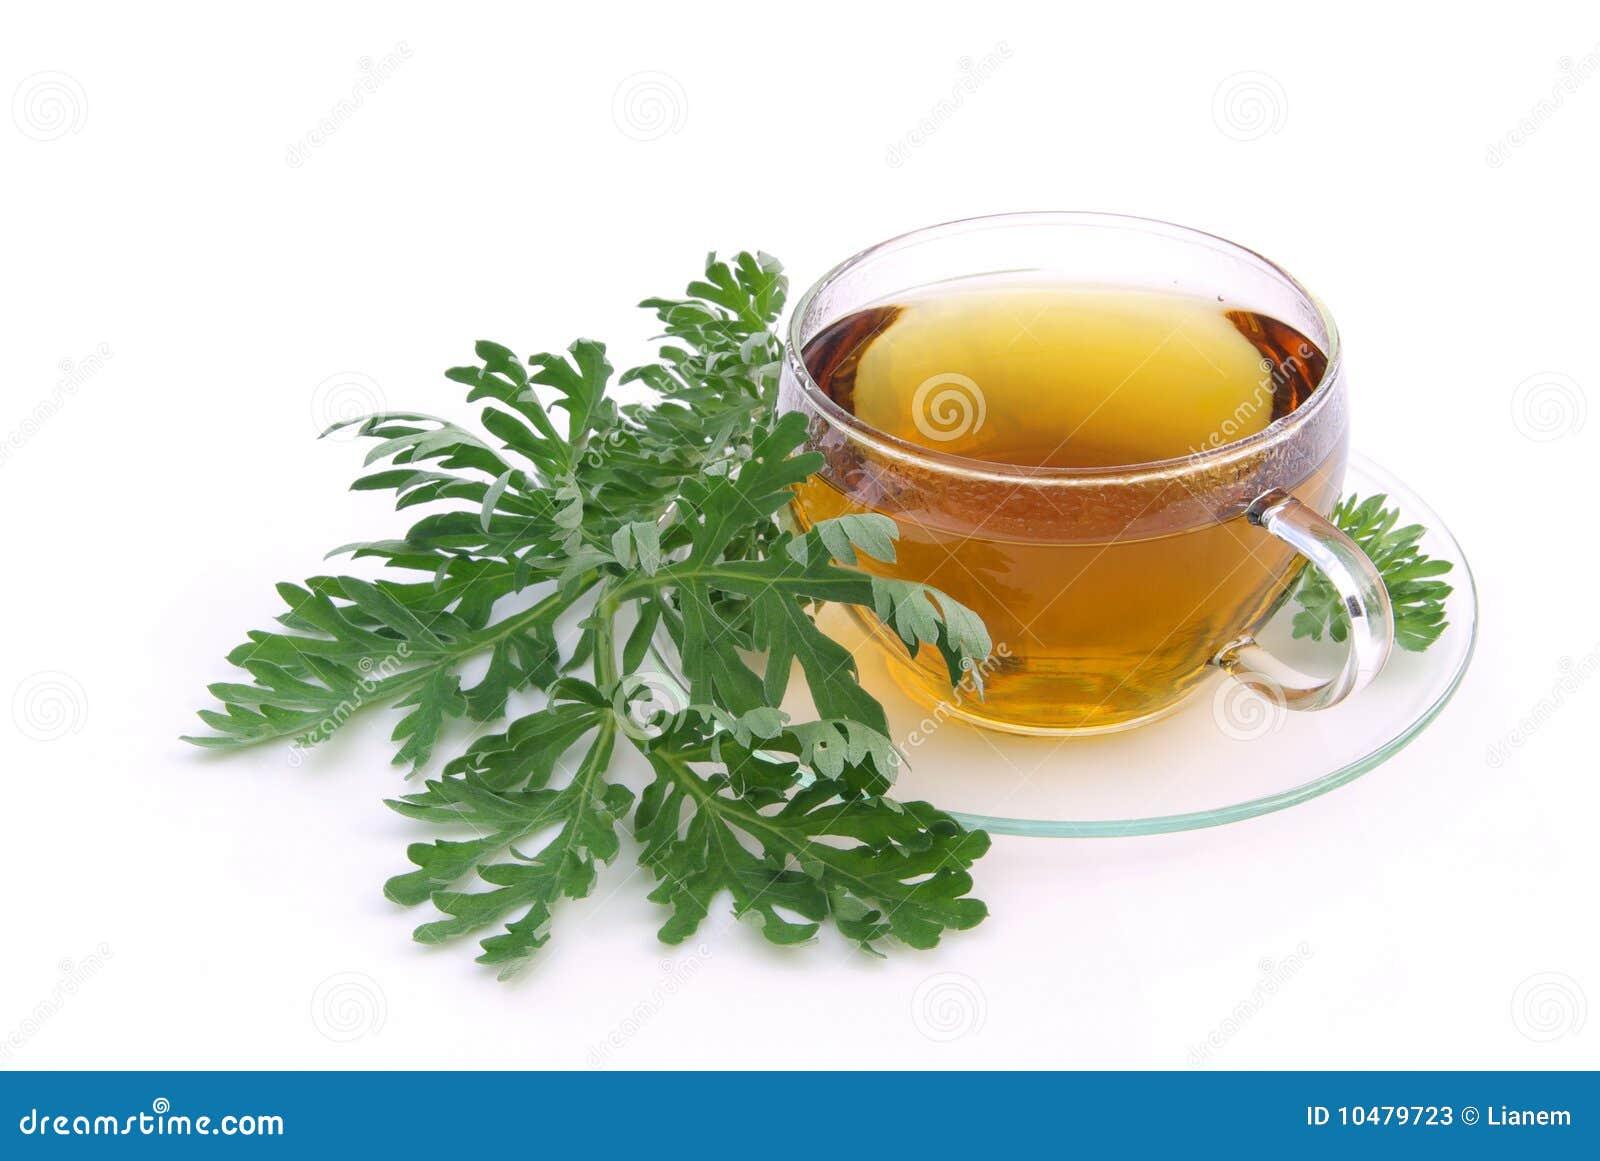 Alsem thee